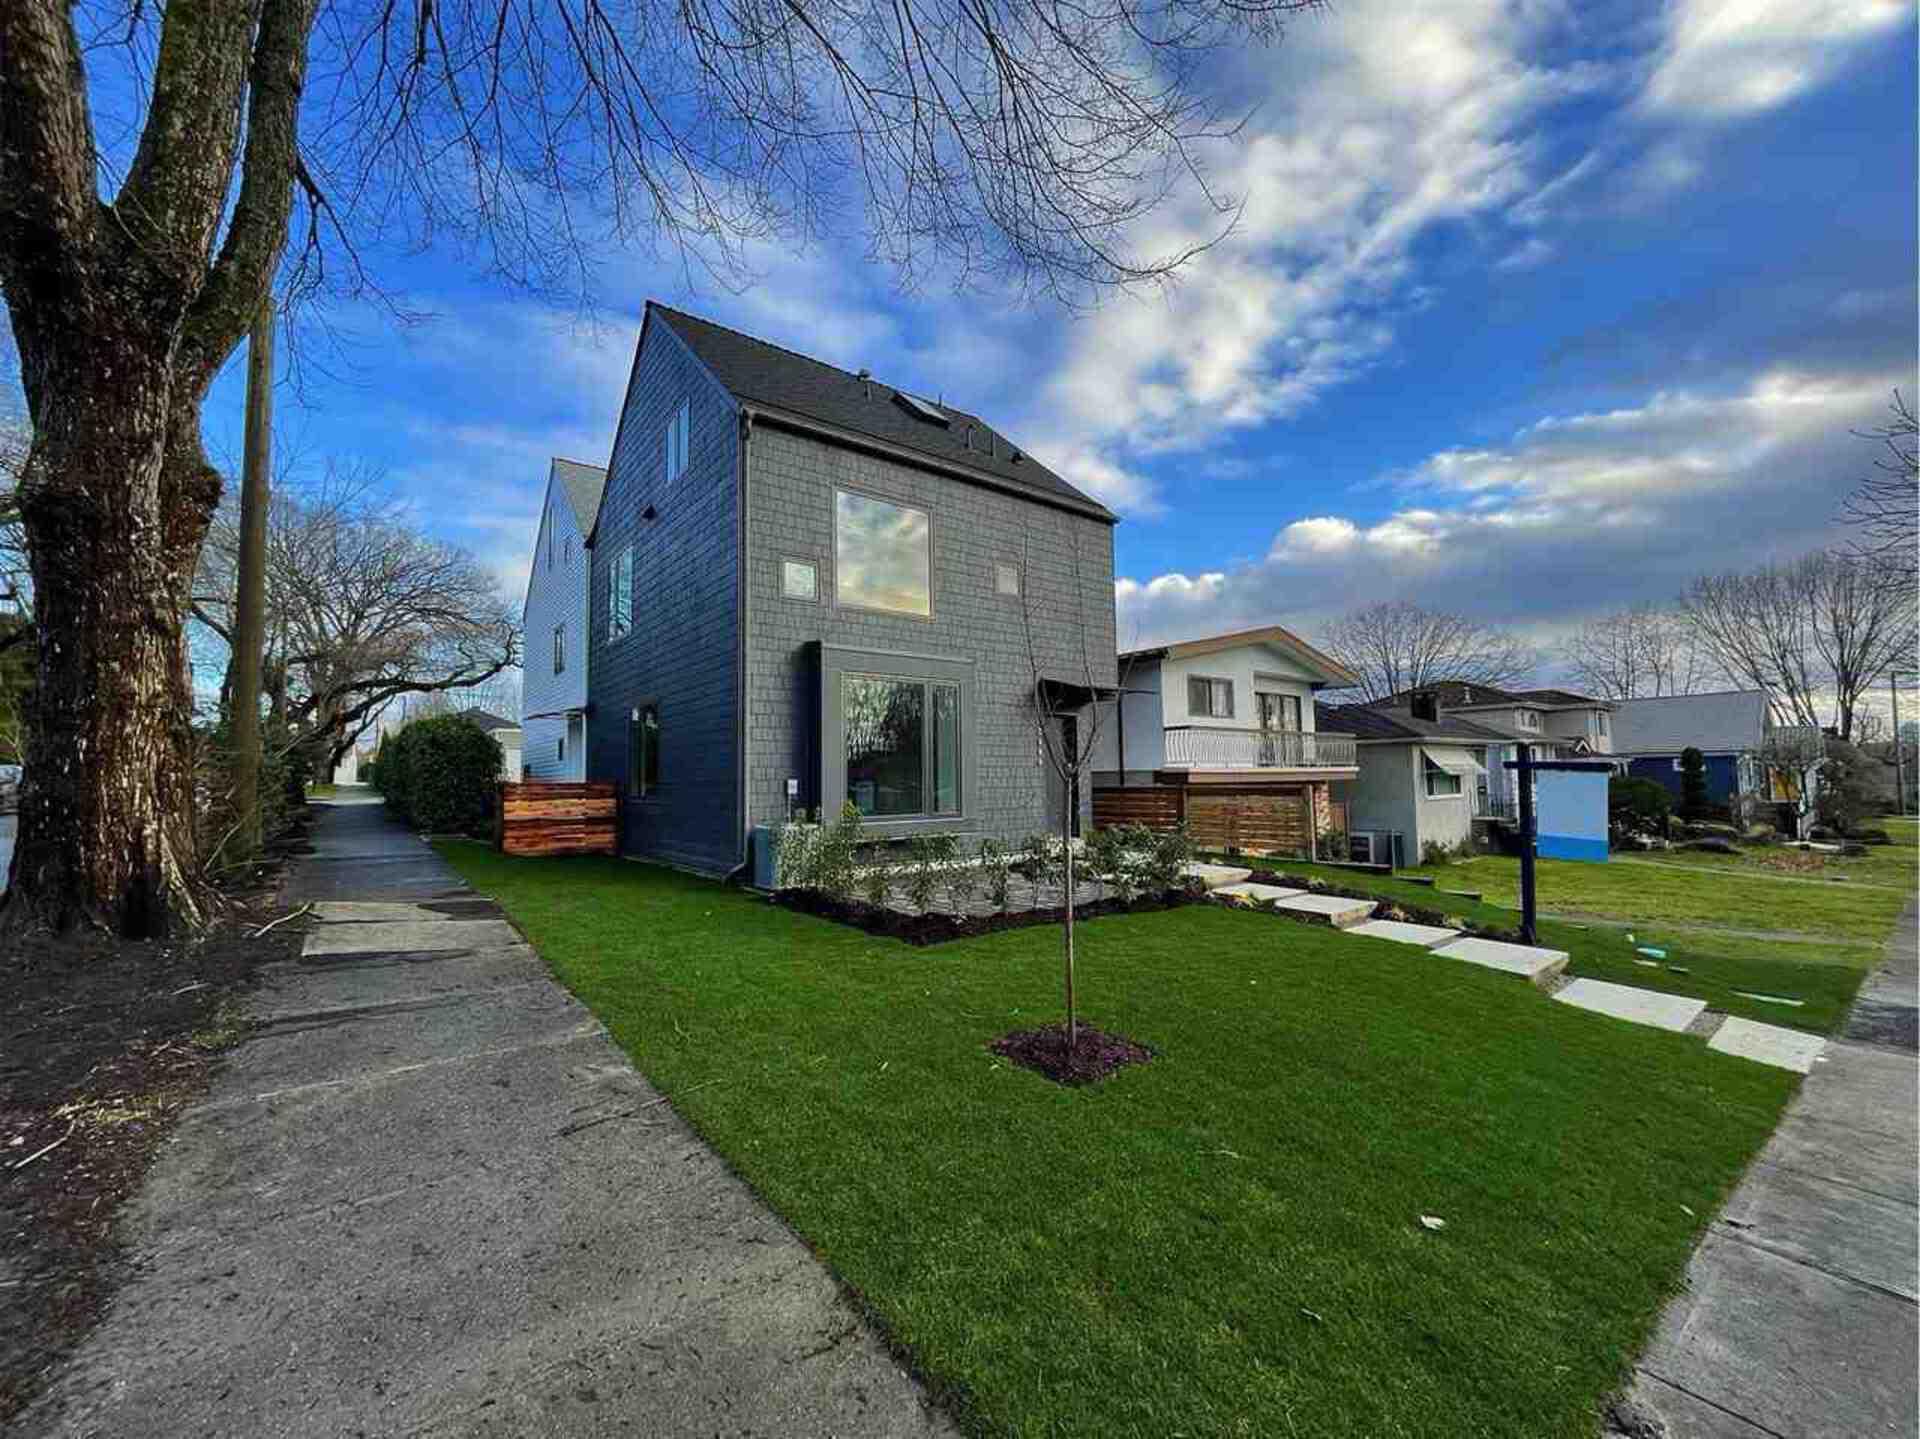 2342-e-6th-avenue-grandview-woodland-vancouver-east-01 at 2342 E 6th Avenue, Grandview Woodland, Vancouver East